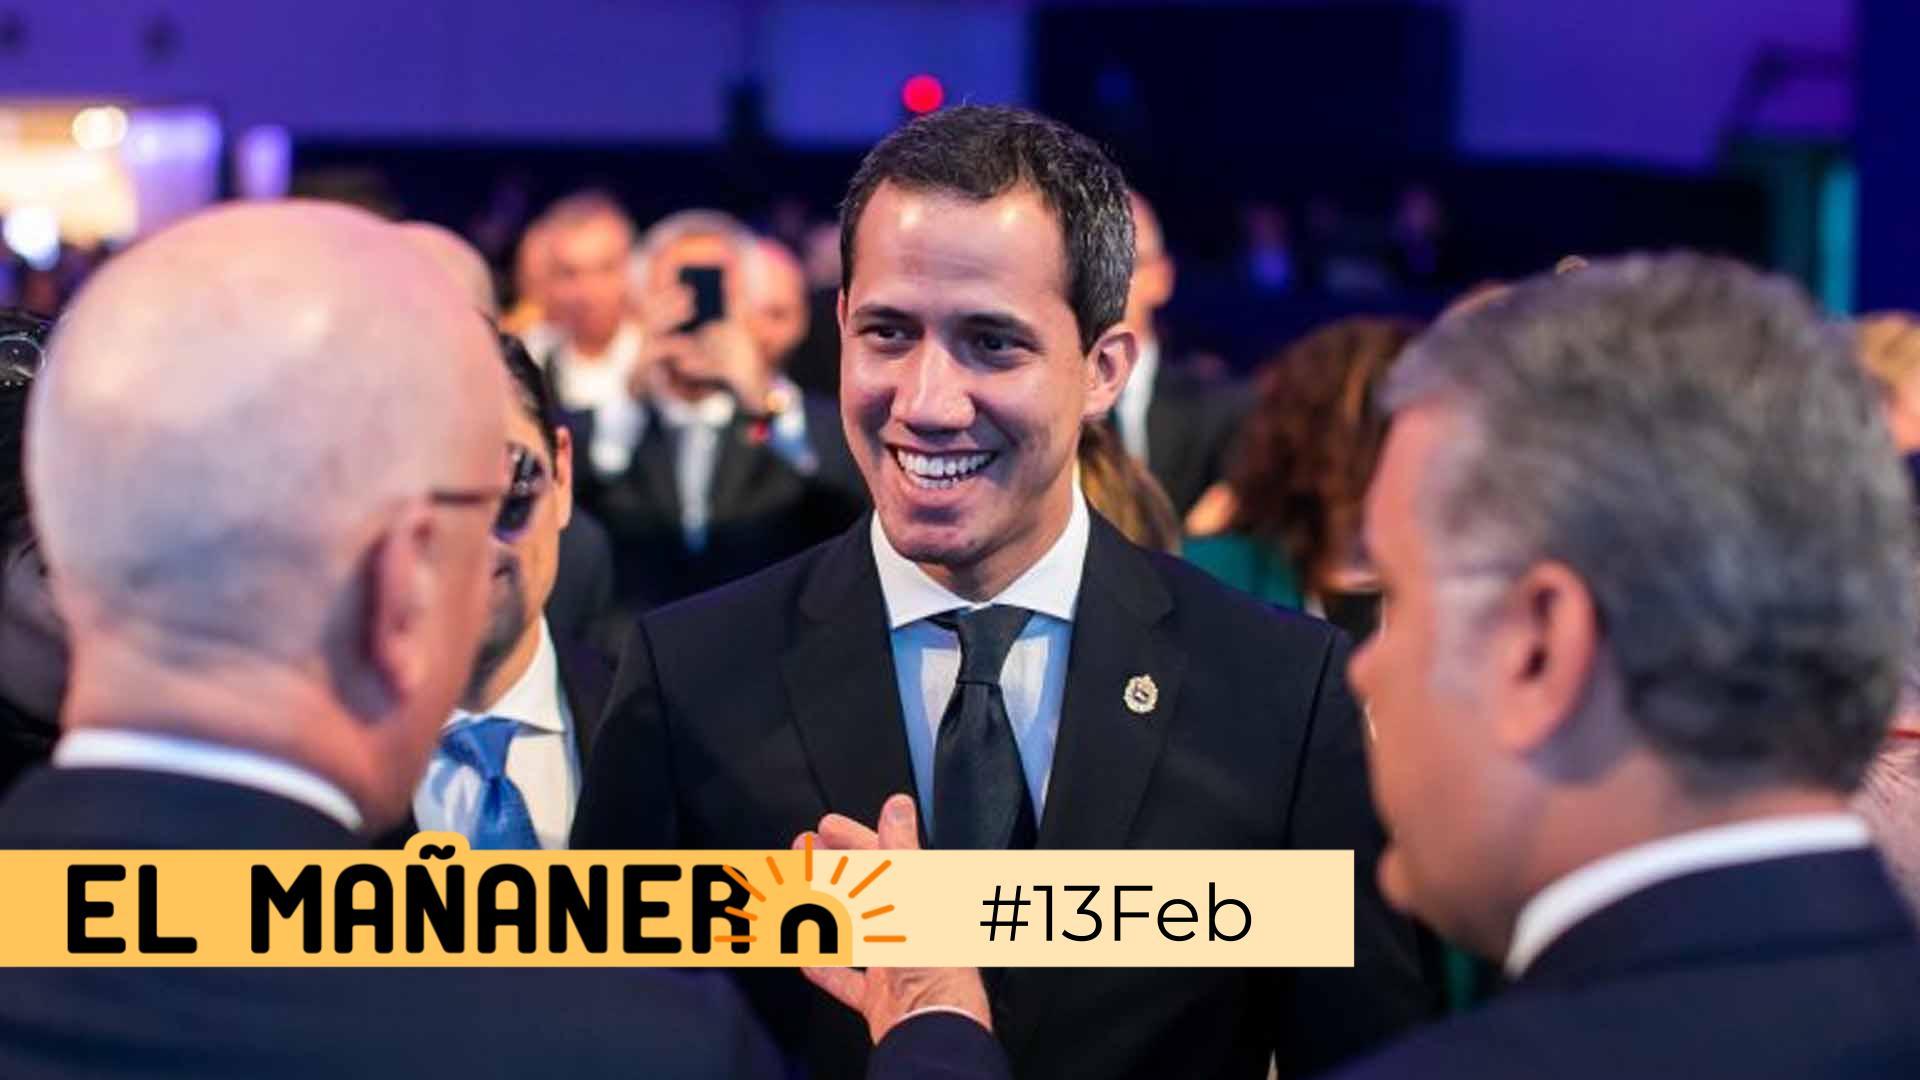 El Mañanero de hoy #13Feb: Las 8 noticias que debes saber